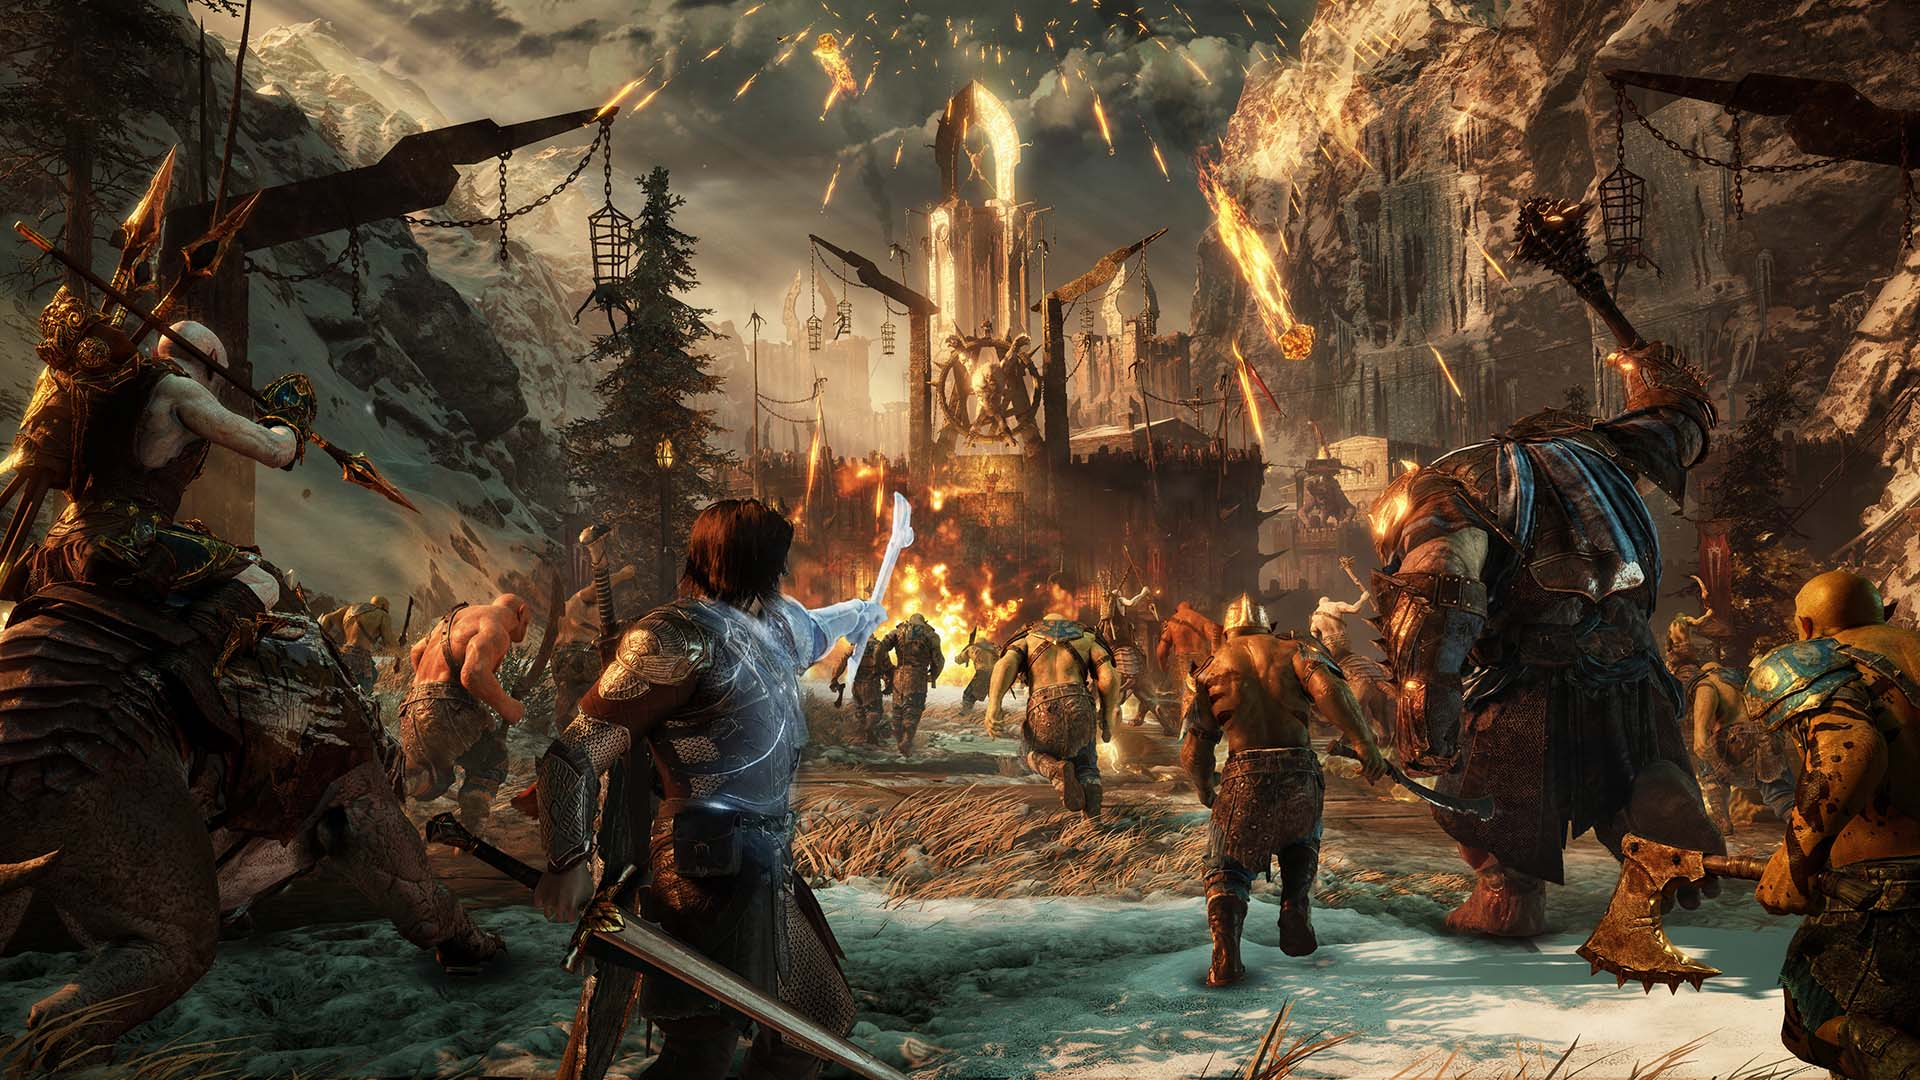 Первые оценки Middle-earth: Shadow of War — критики оказались довольны